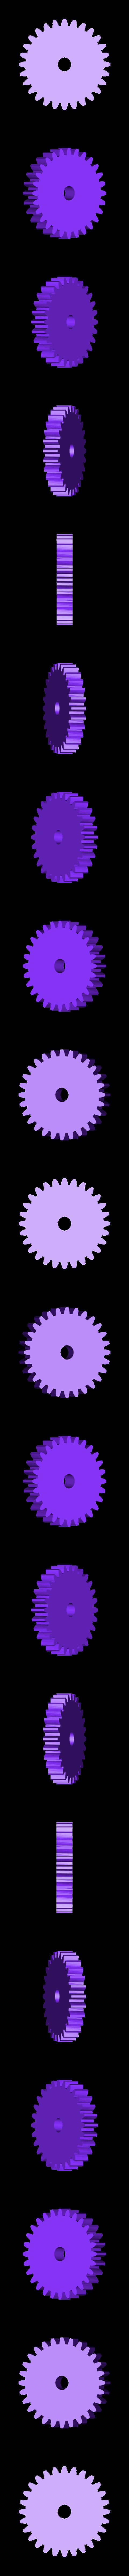 roller_gear.stl Télécharger fichier STL gratuit Polisseuse de pièces Smooth-O-Matic et gobelet à roches • Design à imprimer en 3D, Khuxtan